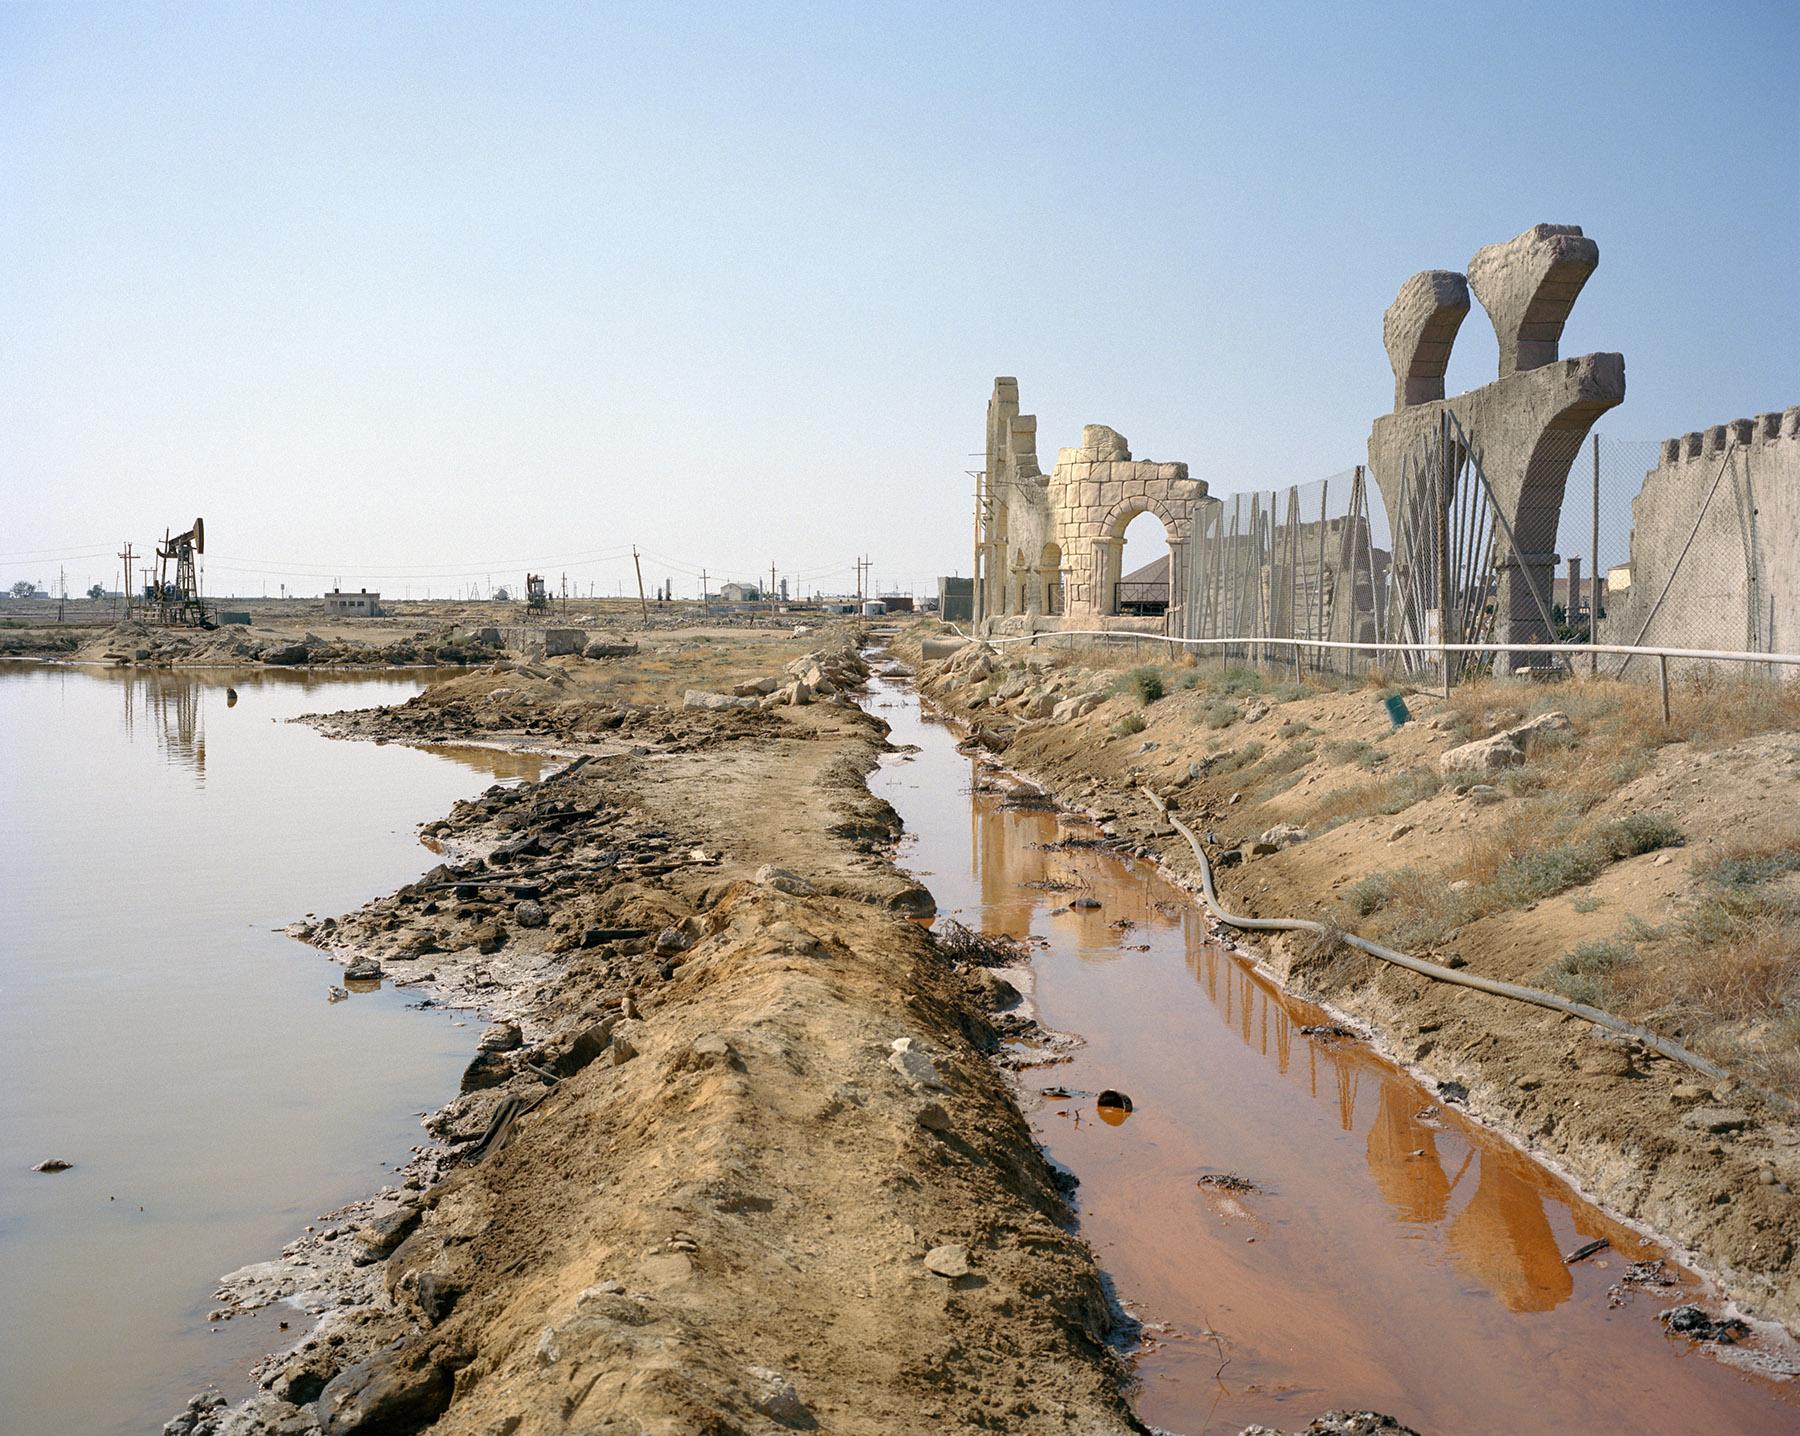 2016 год: Восточная часть Баку. Обширная пустошь на окраине города ведёт к клочку земли длиной в 19 километров. Этот район первым в регионе начал добычу нефти; он на исключительных правах принадлежит государственной нефтяной компании SOCAR. Полуостров также используют как отправной пункт во время перевозки рабочих на буровые платформы.